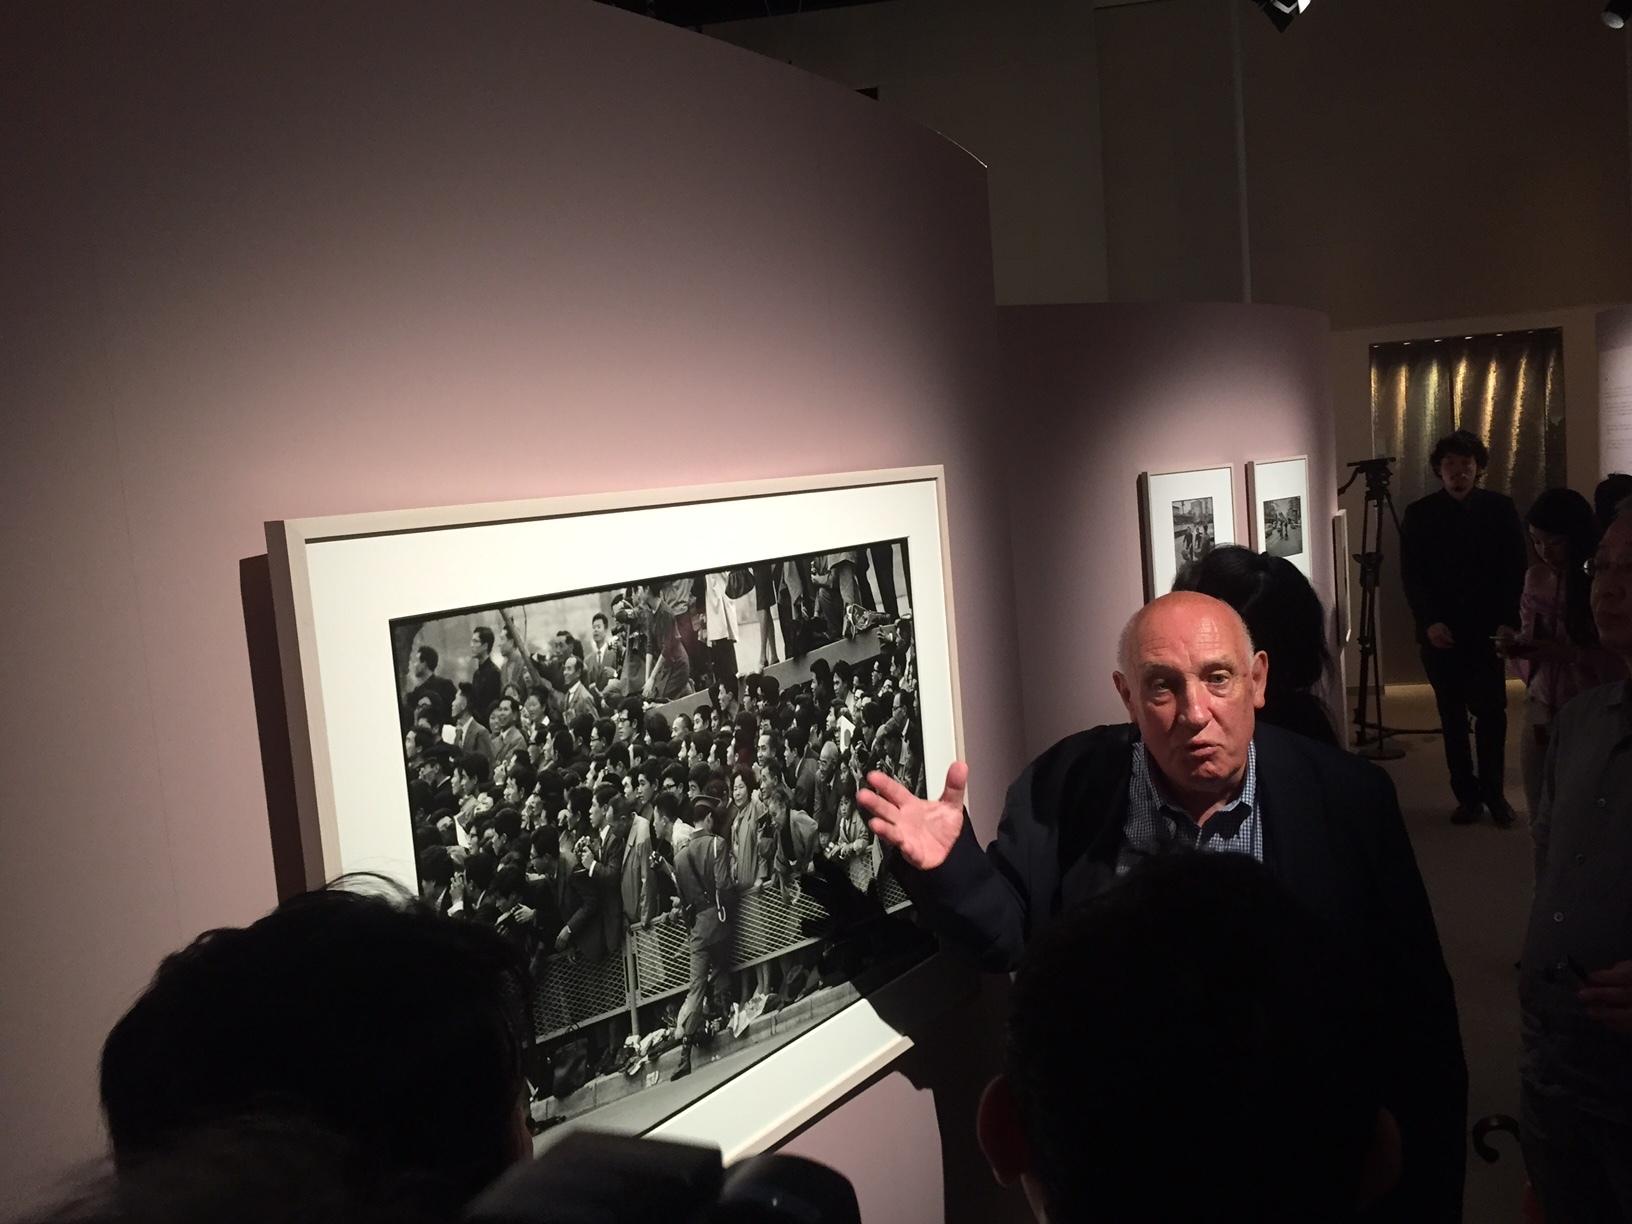 1964年に撮影された写真について語る、ドゥパルトン。「本作は競技写真ではないが、フレーム外の光景を映した一枚。いろんな国の選手を見たい、という日本の人々の好奇心が伝わってくる素晴らしい写真だ」と語った。